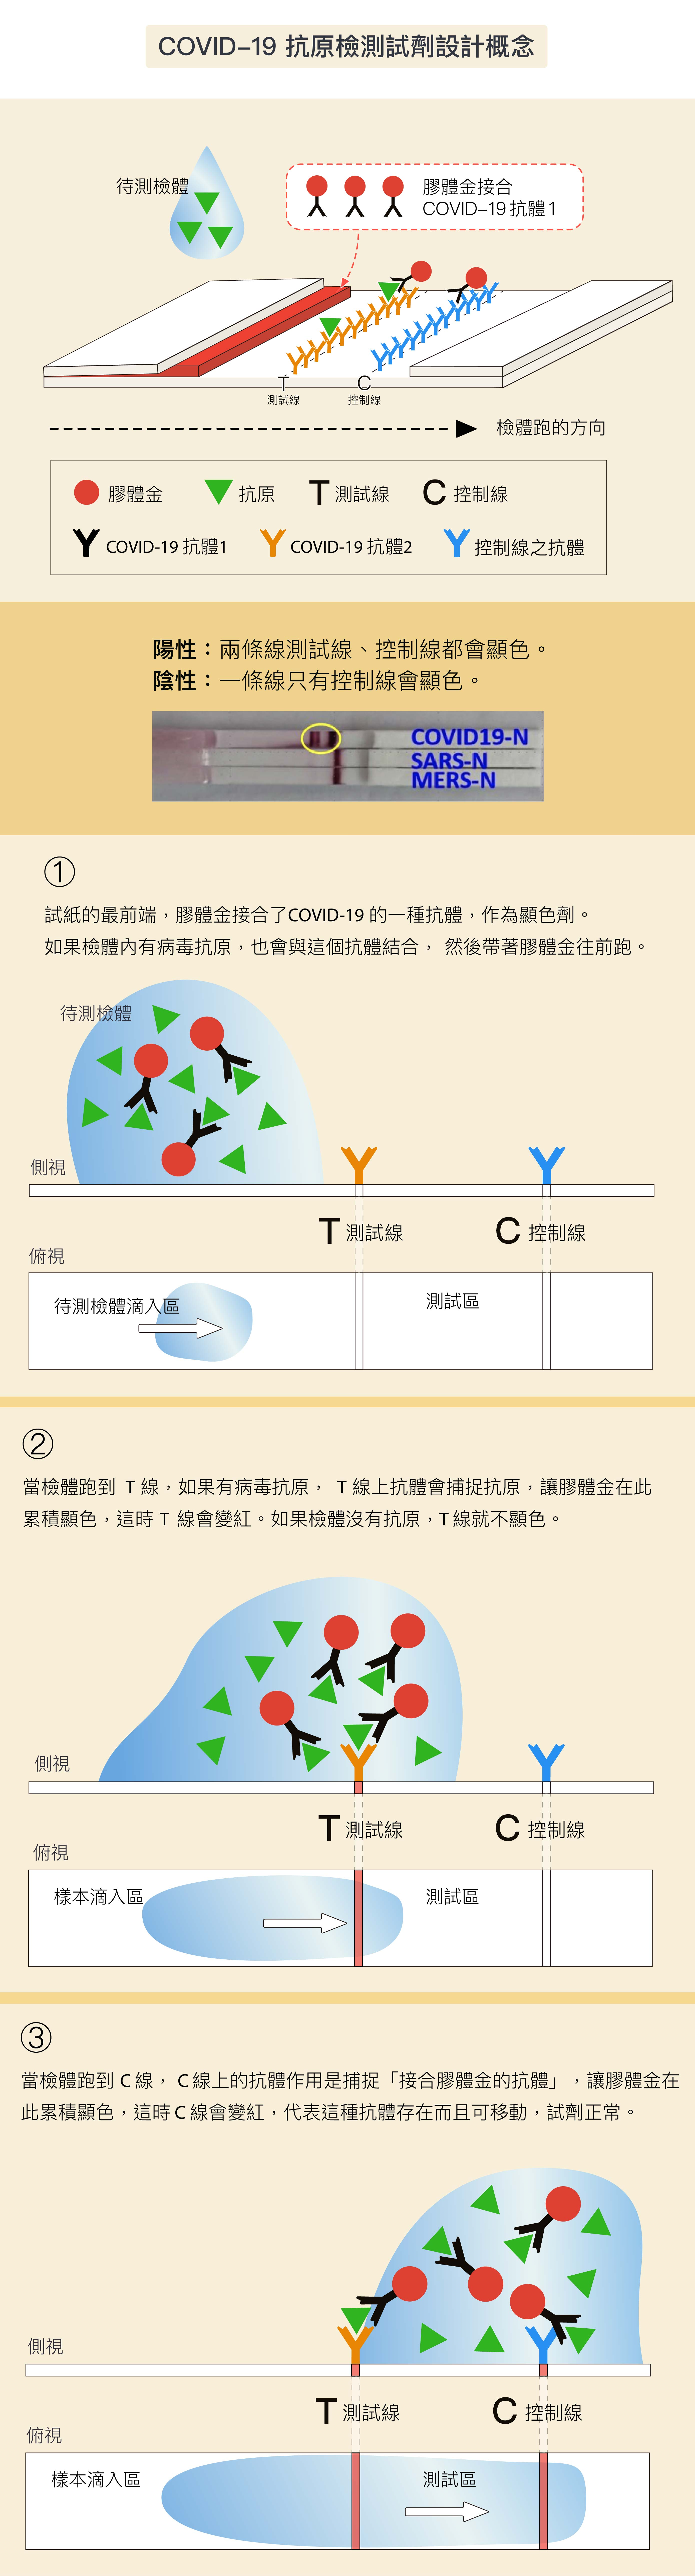 資料來源│吳漢忠 圖說設計│黃曉君、林洵安